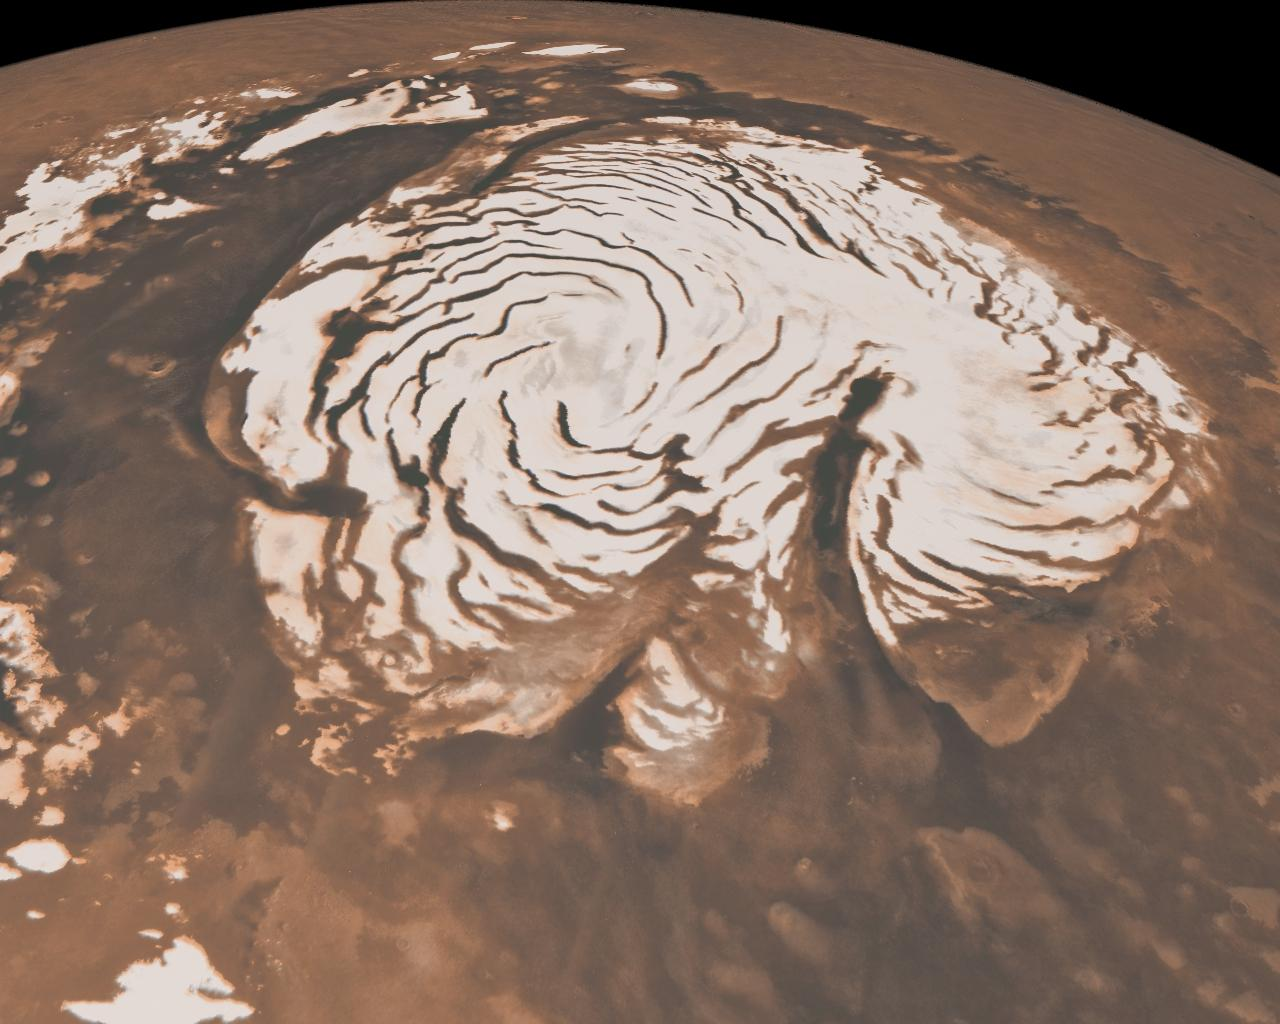 north polar region of Mars